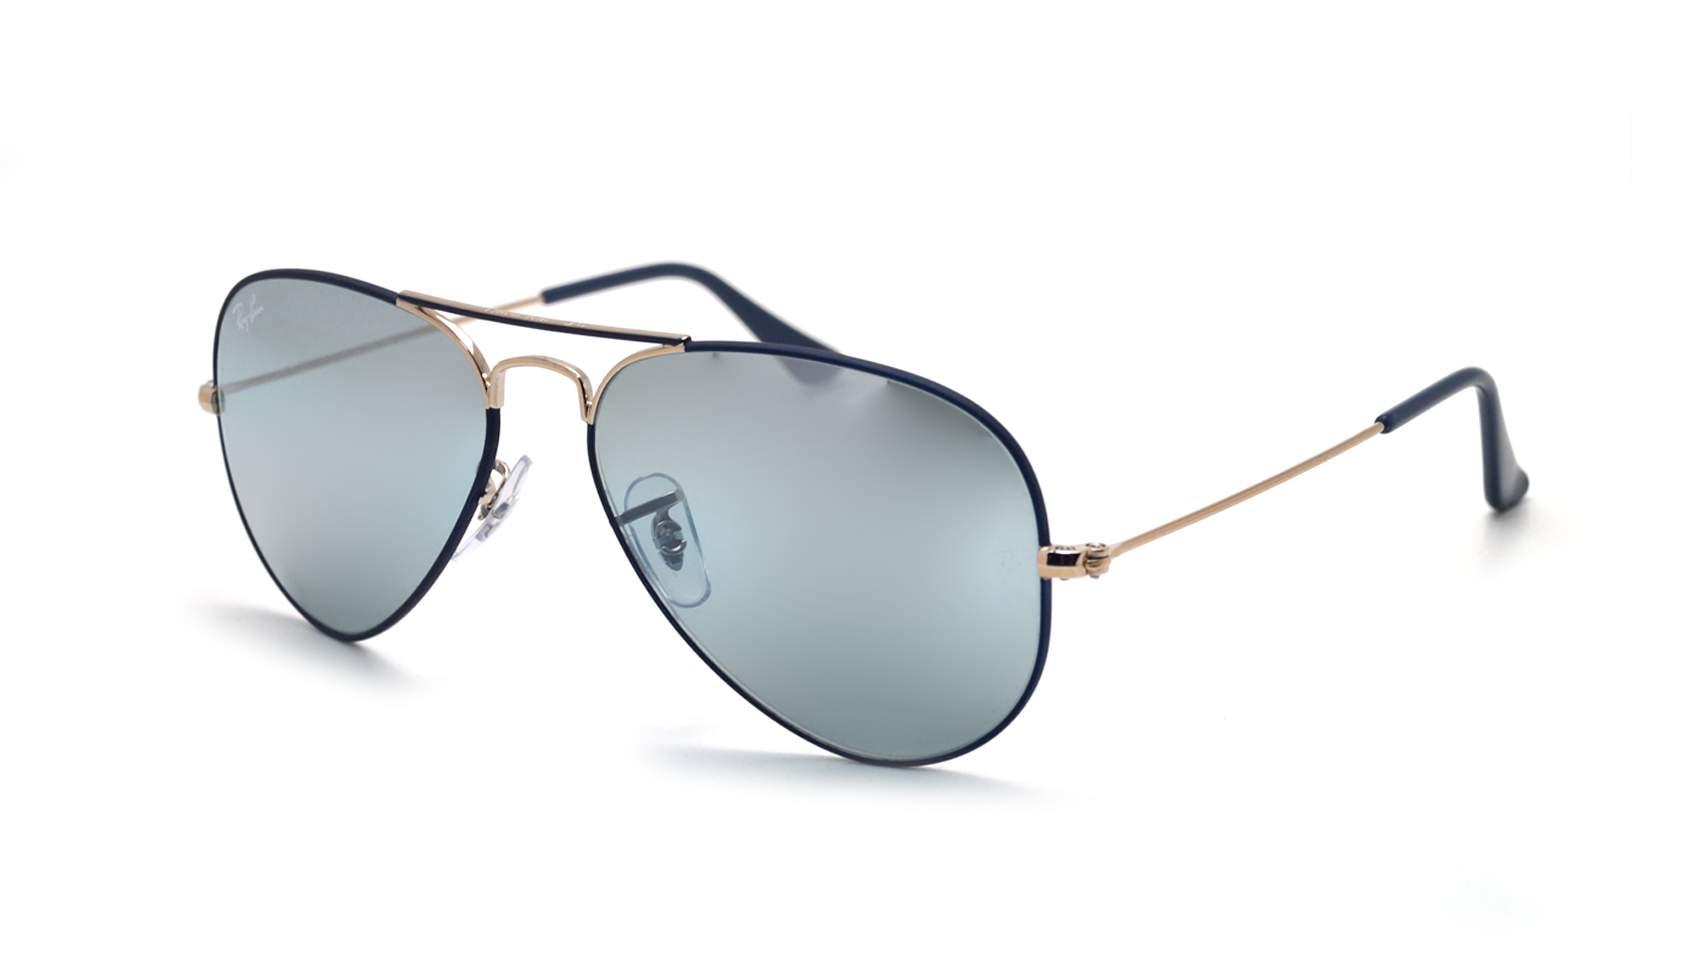 d2df85b9f9b Sunglasses Ray-Ban Aviator Mirror Blue Mat RB3025 9156/AJ 55-18 Small  Gradient Flash